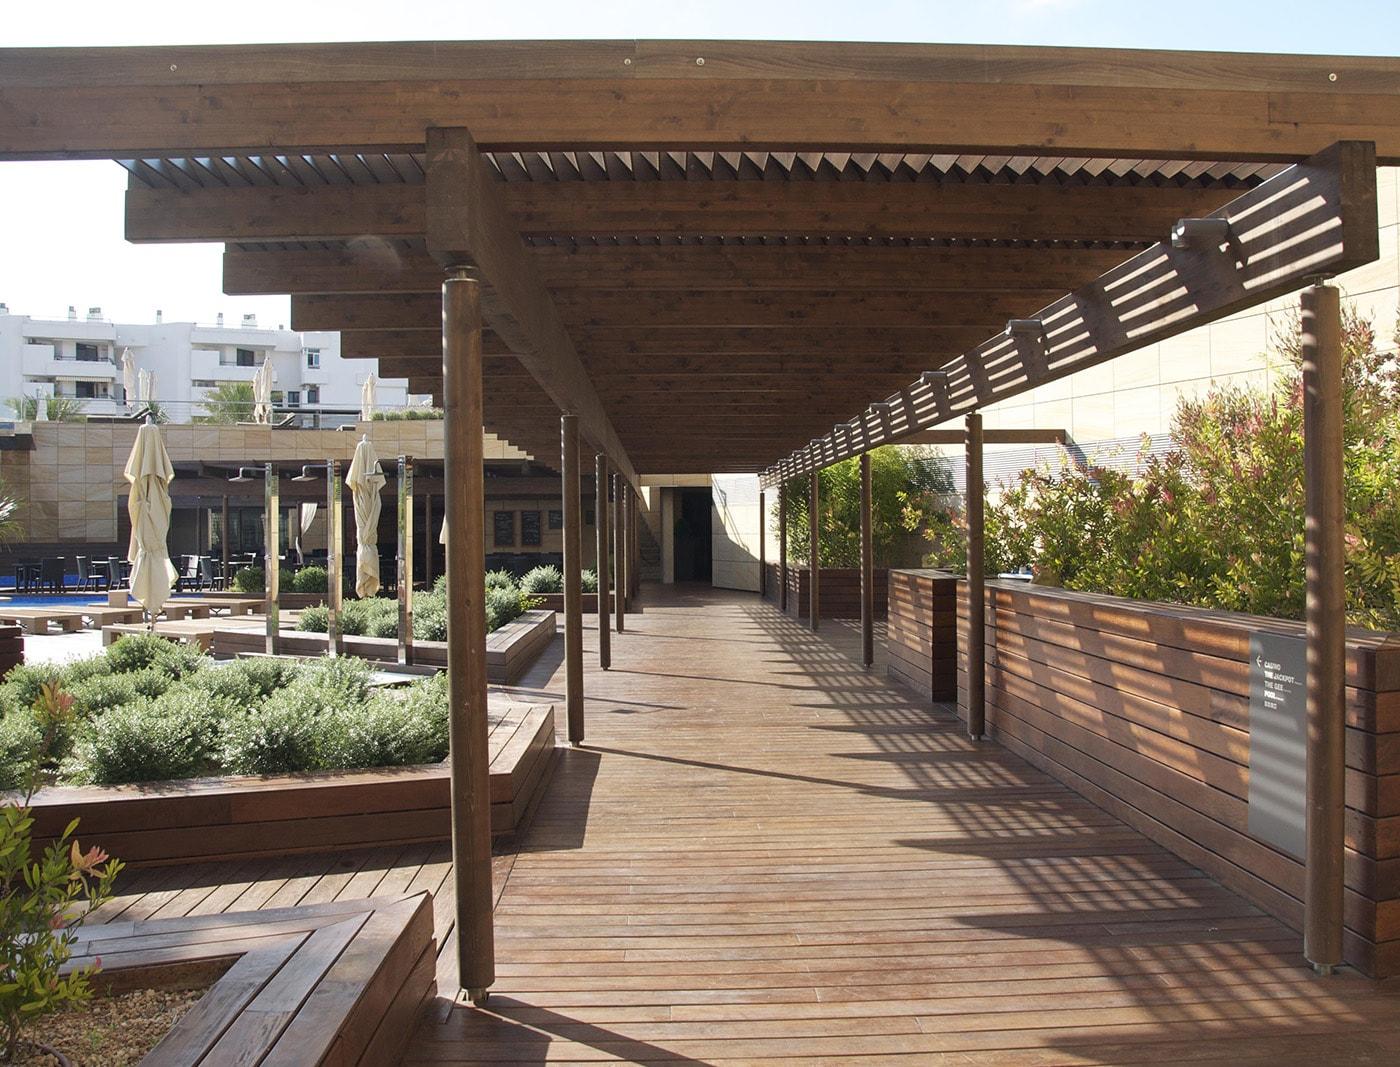 GRAN HOTEL-CASINO IBIZA 1